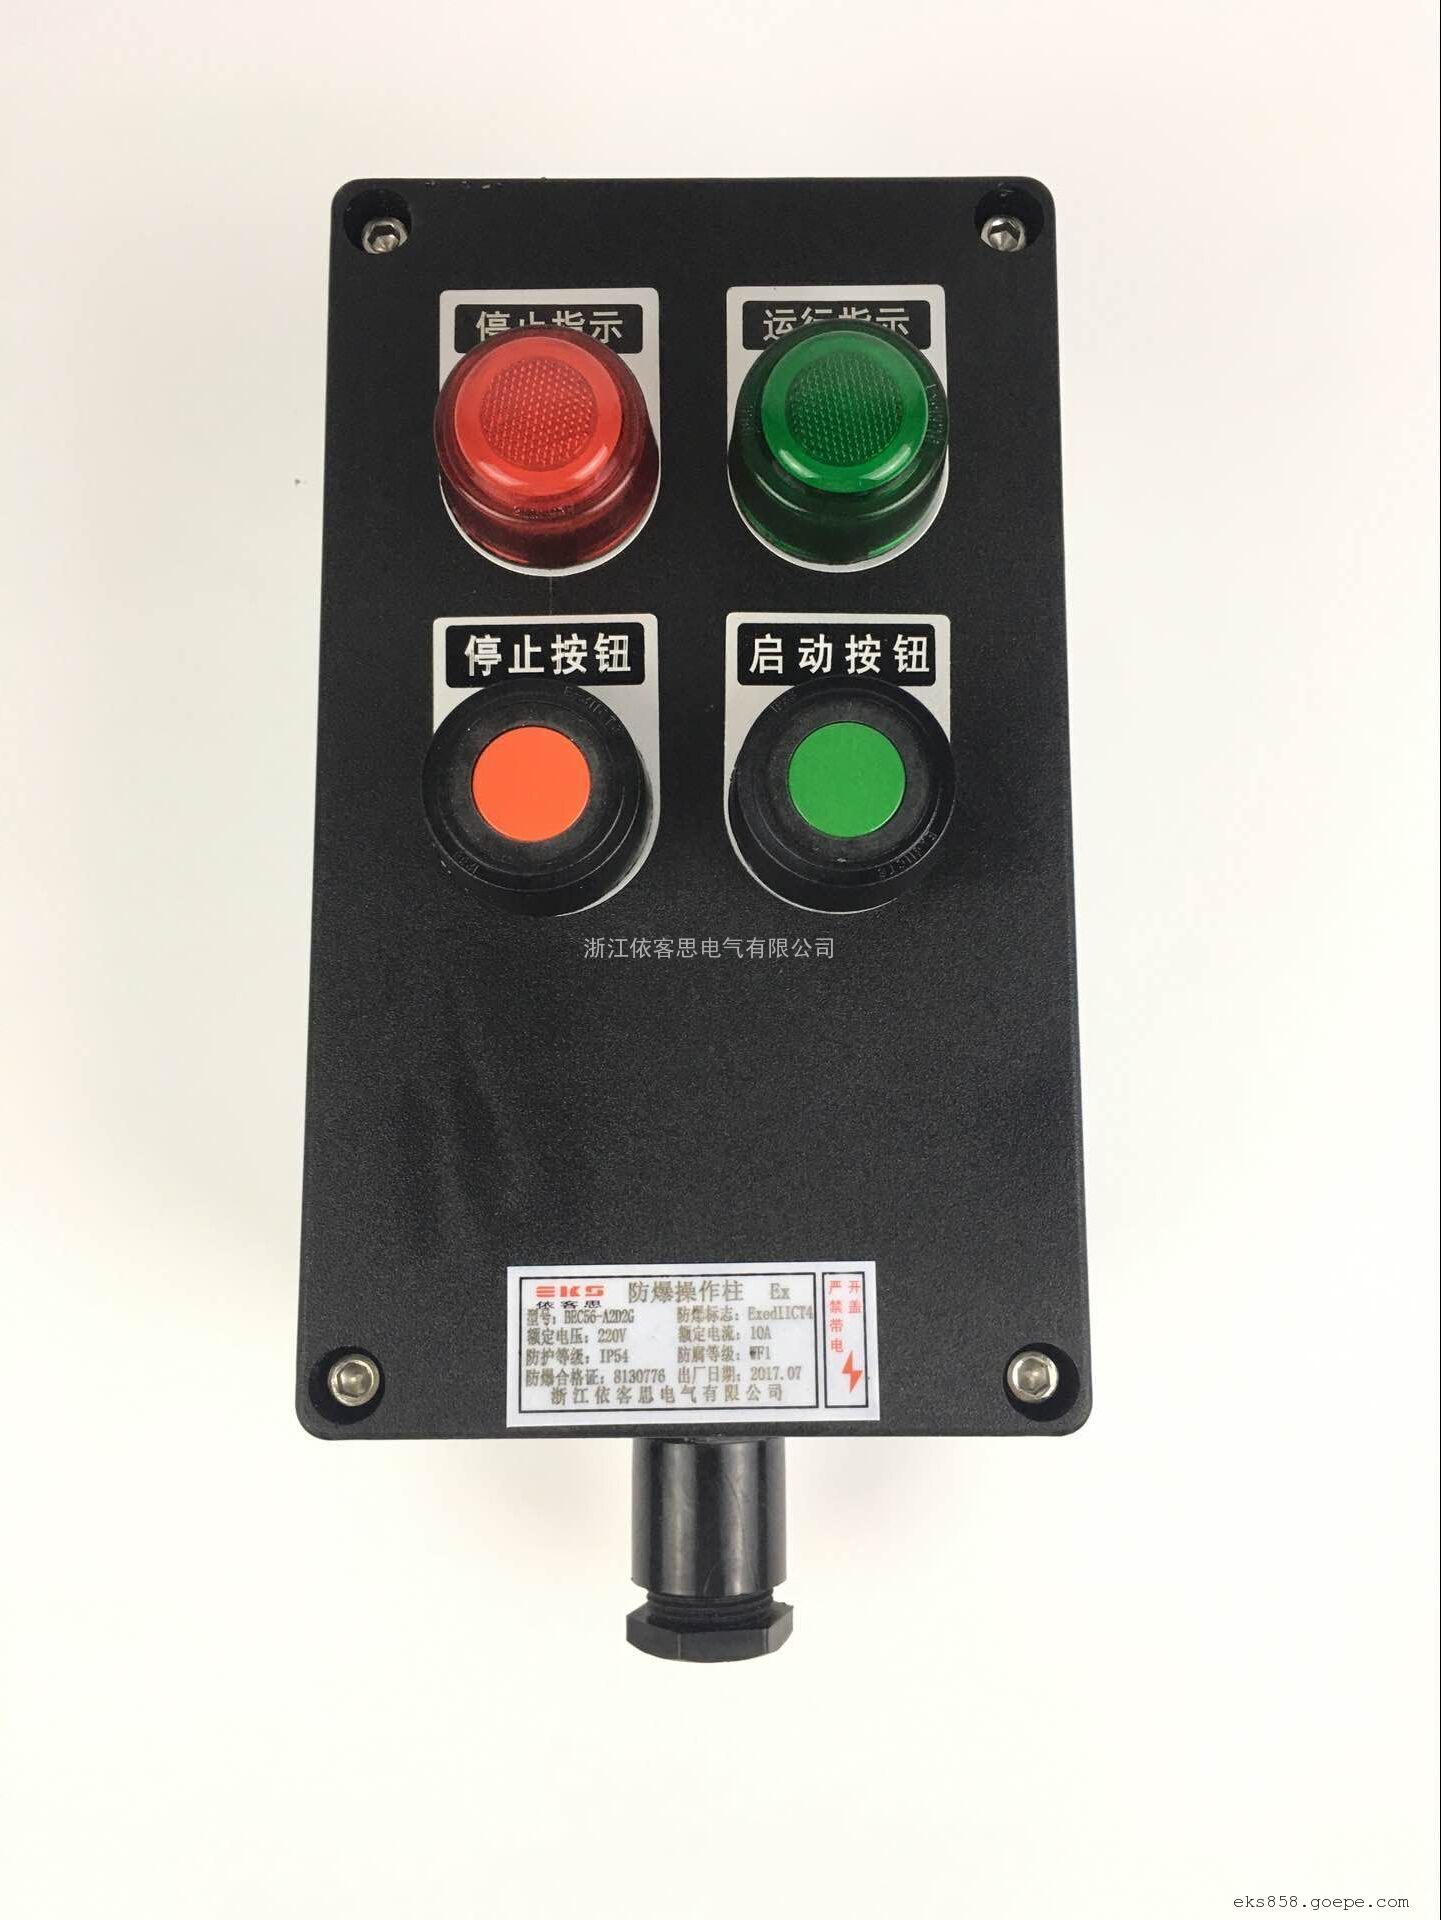 工程塑料防水防尘防腐操作柱FZC化工厂机旁三防操作箱按钮控制箱